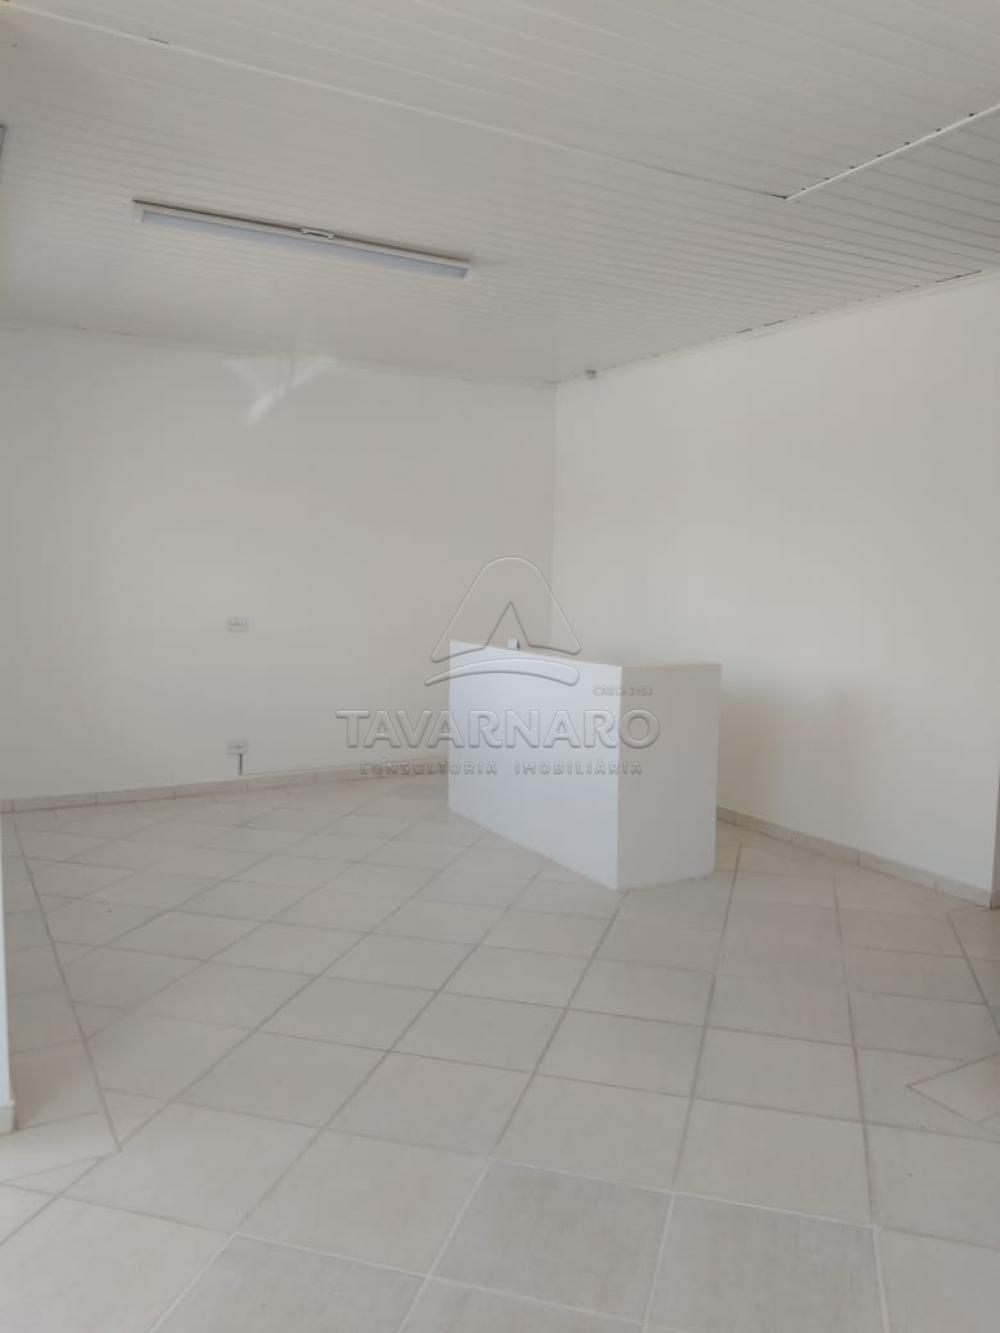 Alugar Casa / Comercial em Carambeí apenas R$ 1.700,00 - Foto 2